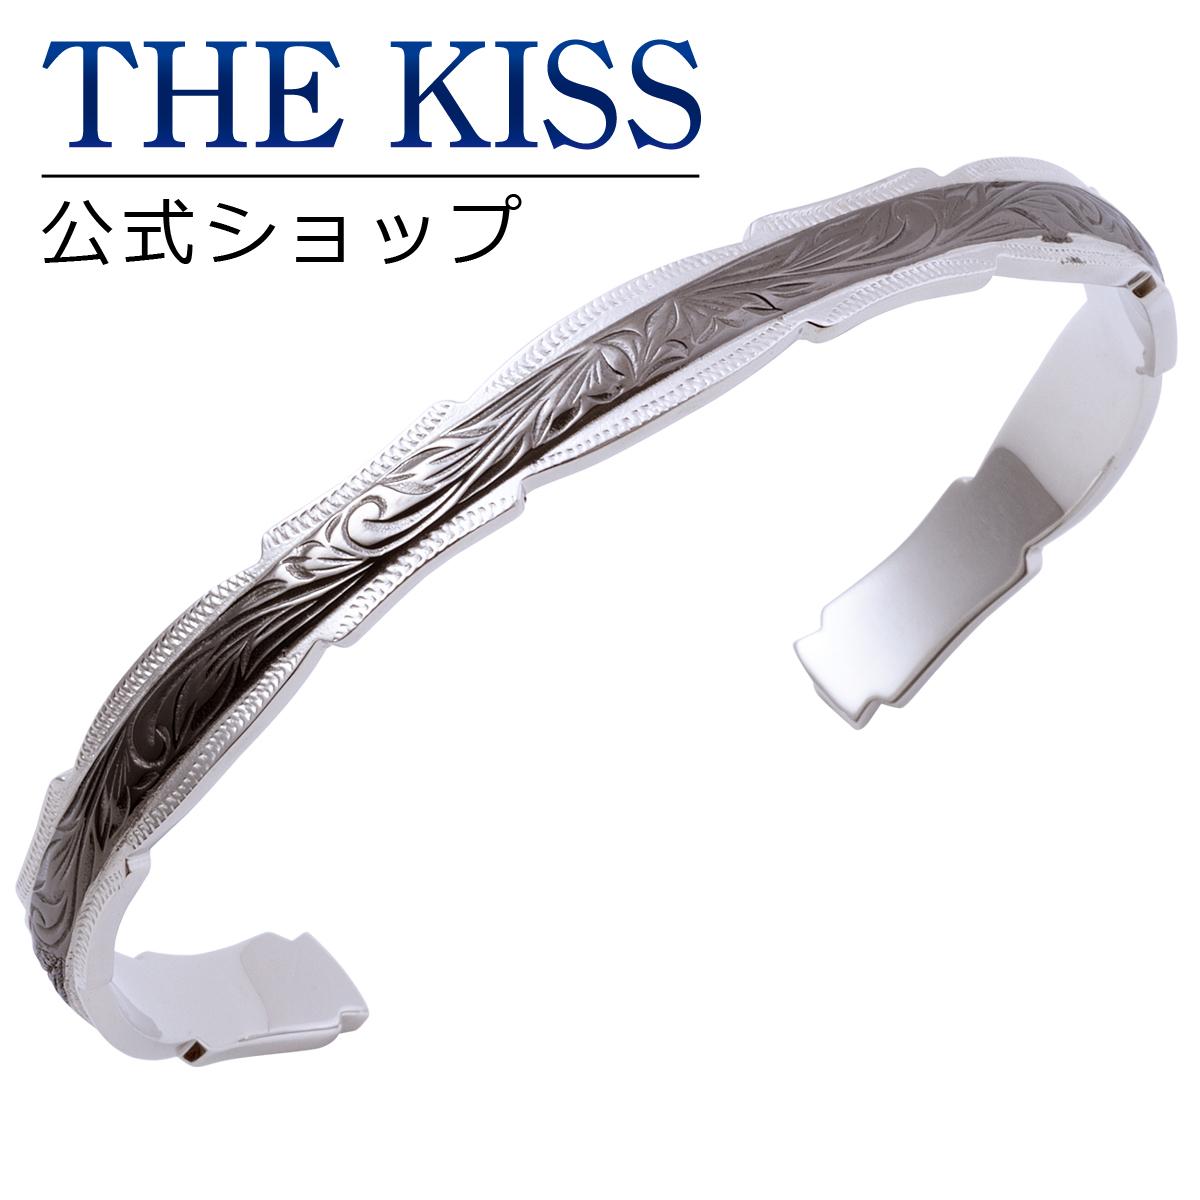 【あす楽対応】THE KISS 公式サイト ステンレス ハワイアン ペアバングル (メンズ 単品) ペアアクセサリー カップル に 人気 の ジュエリーブランド THEKISS ペア バングル 記念日 プレゼント L-BR8014 ザキス 【送料無料】